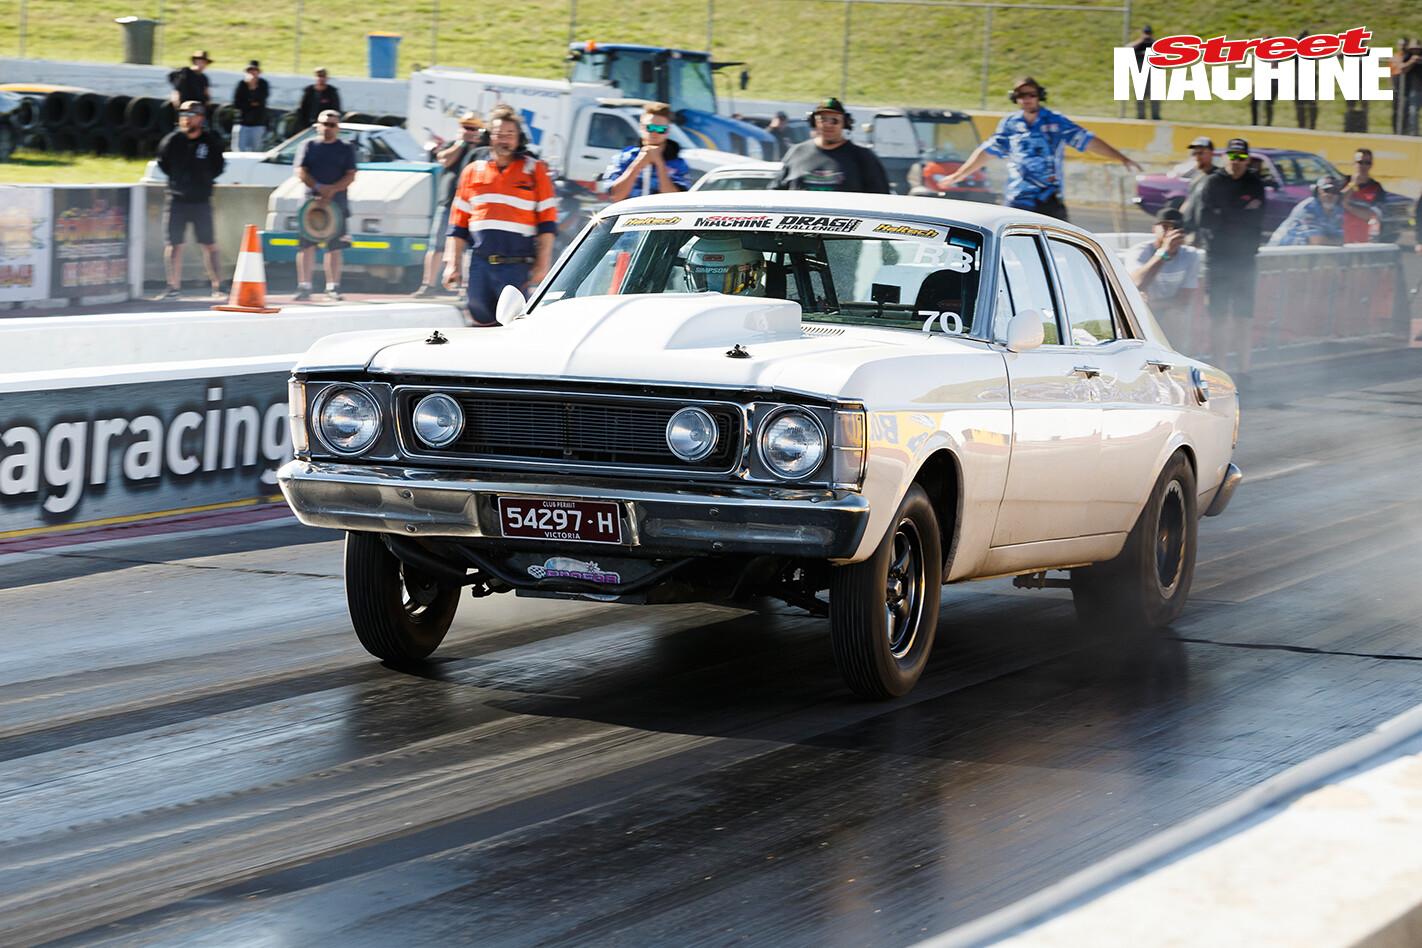 Ford XW Falcon Dandy Engines Jpg